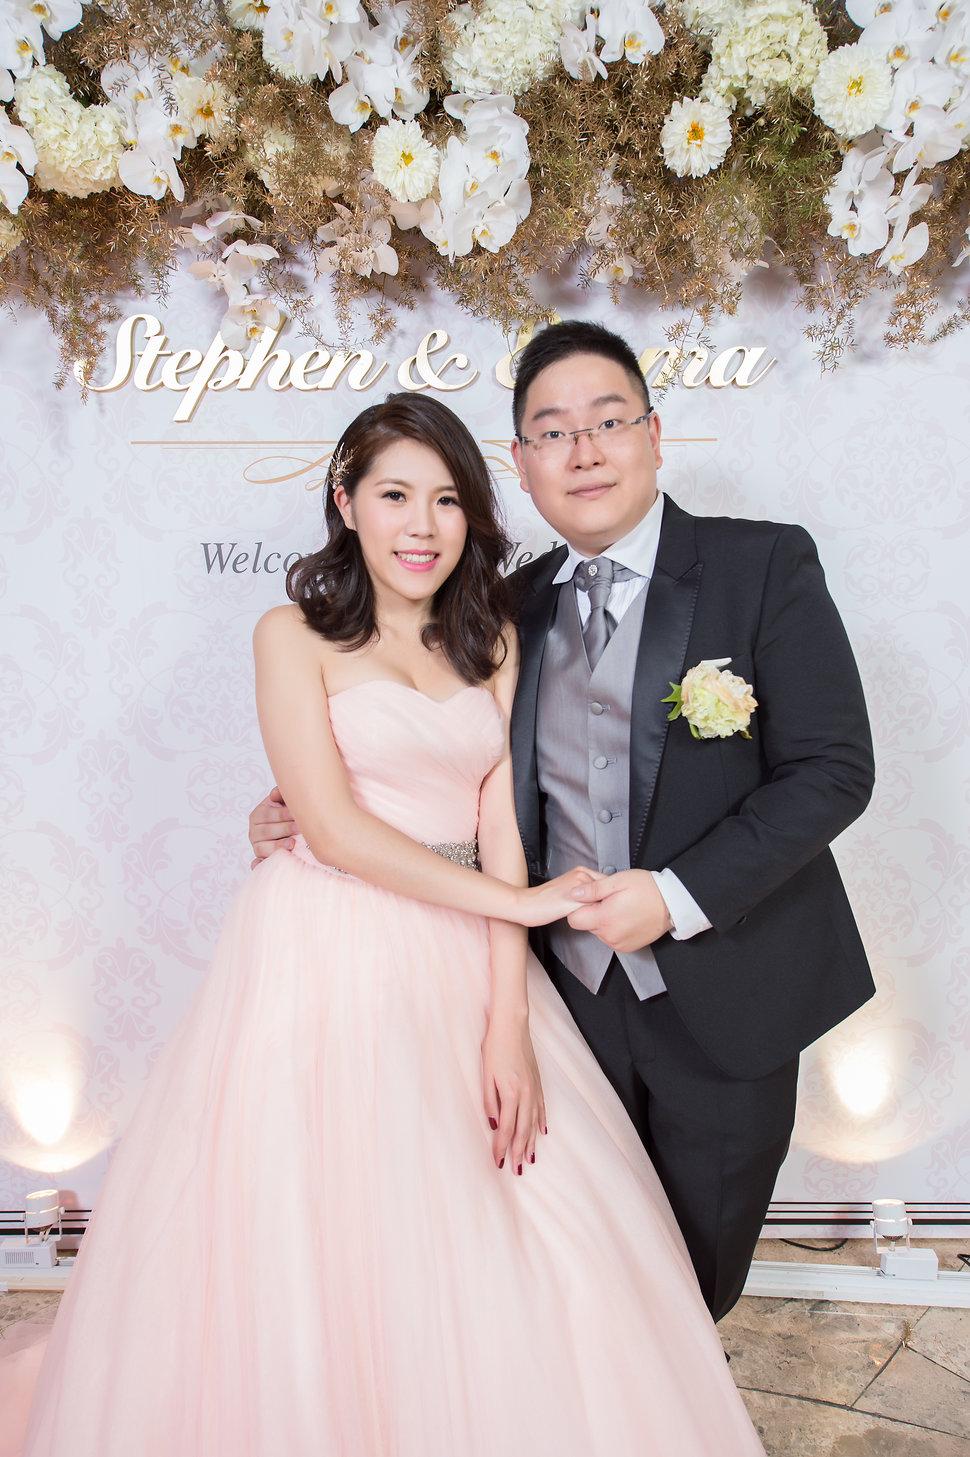 [台北婚攝] 文定婚禮紀錄 台北君悅酒店(編號:431947) - Allen影像團隊 Love Story - 結婚吧